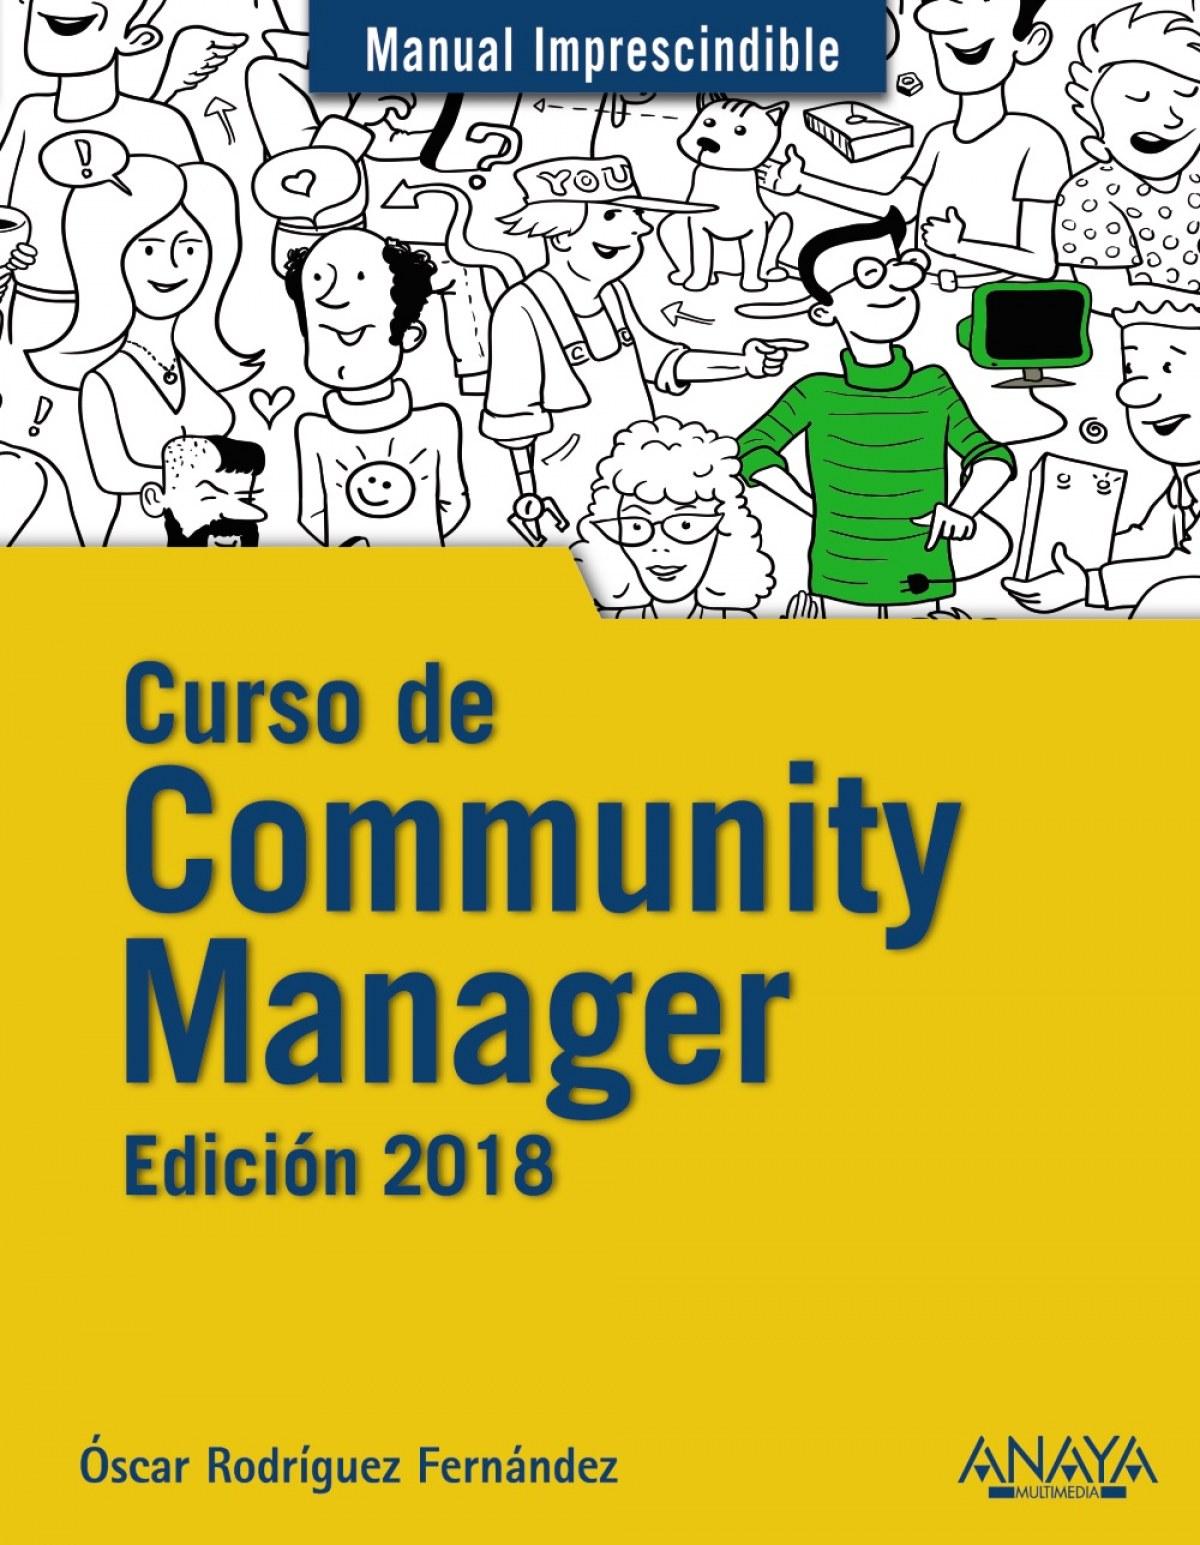 CURSO DE COMMUNITY MANAGER 2018 9788441539631